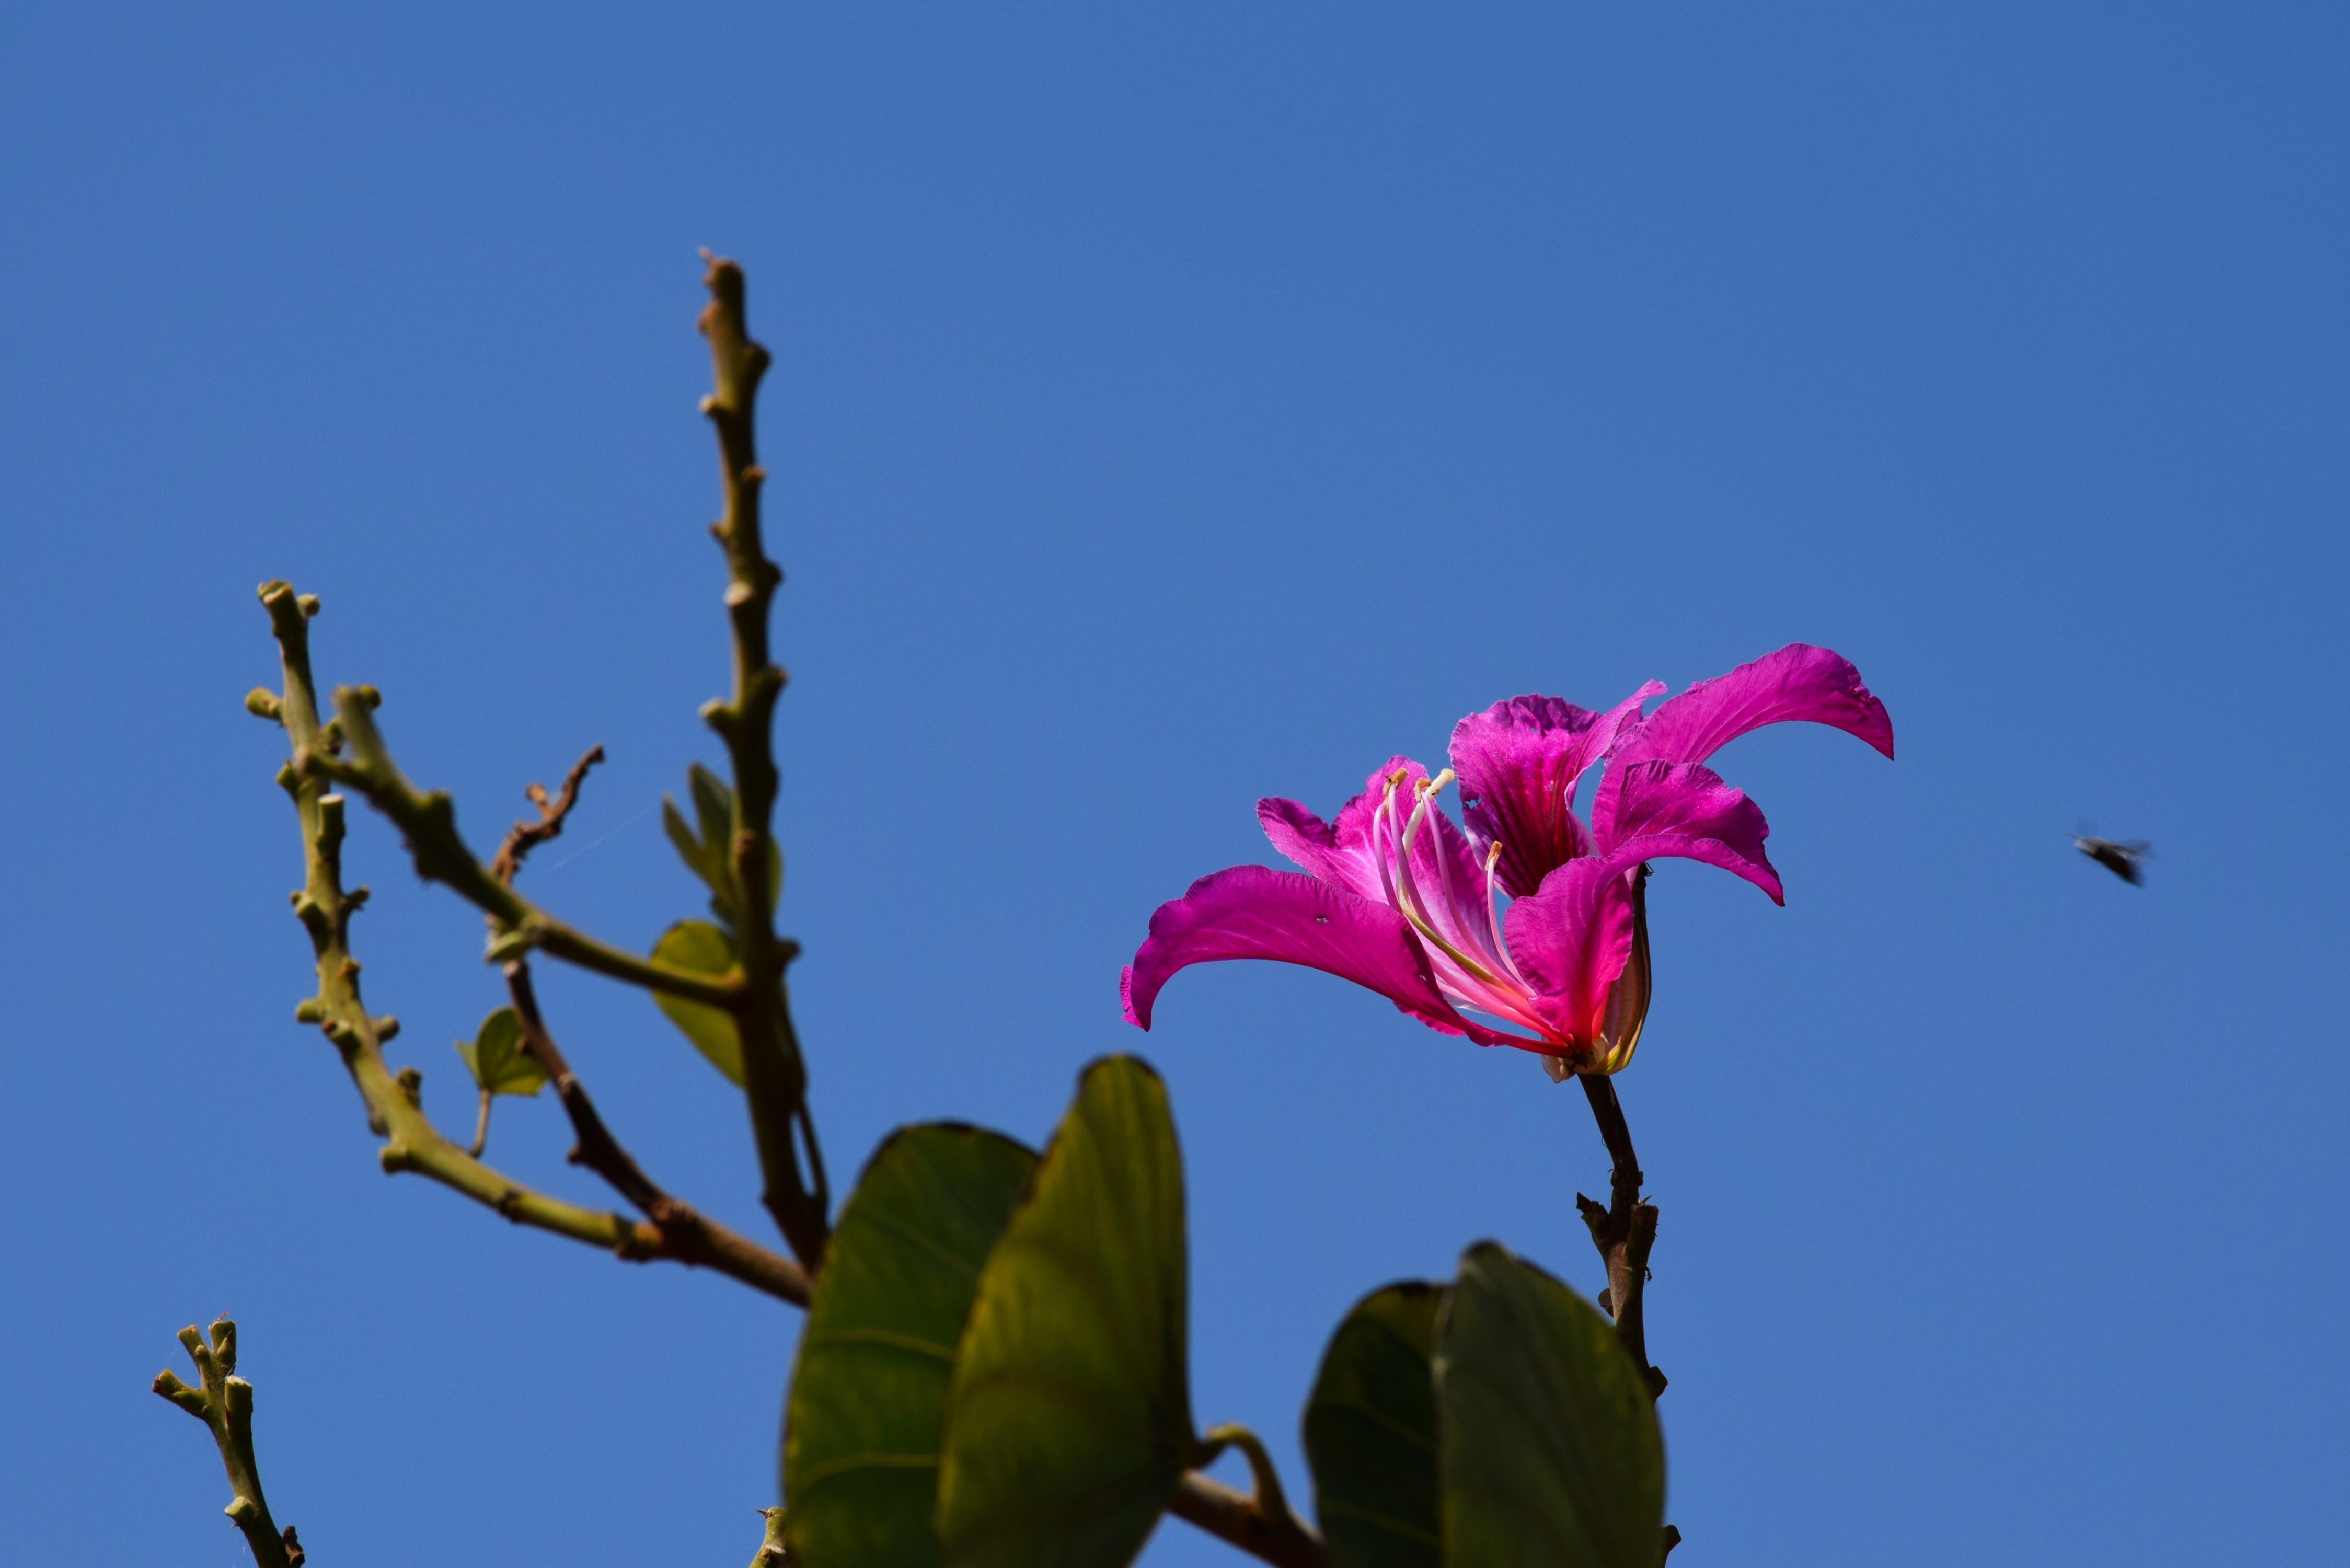 drosera, vackra blommor